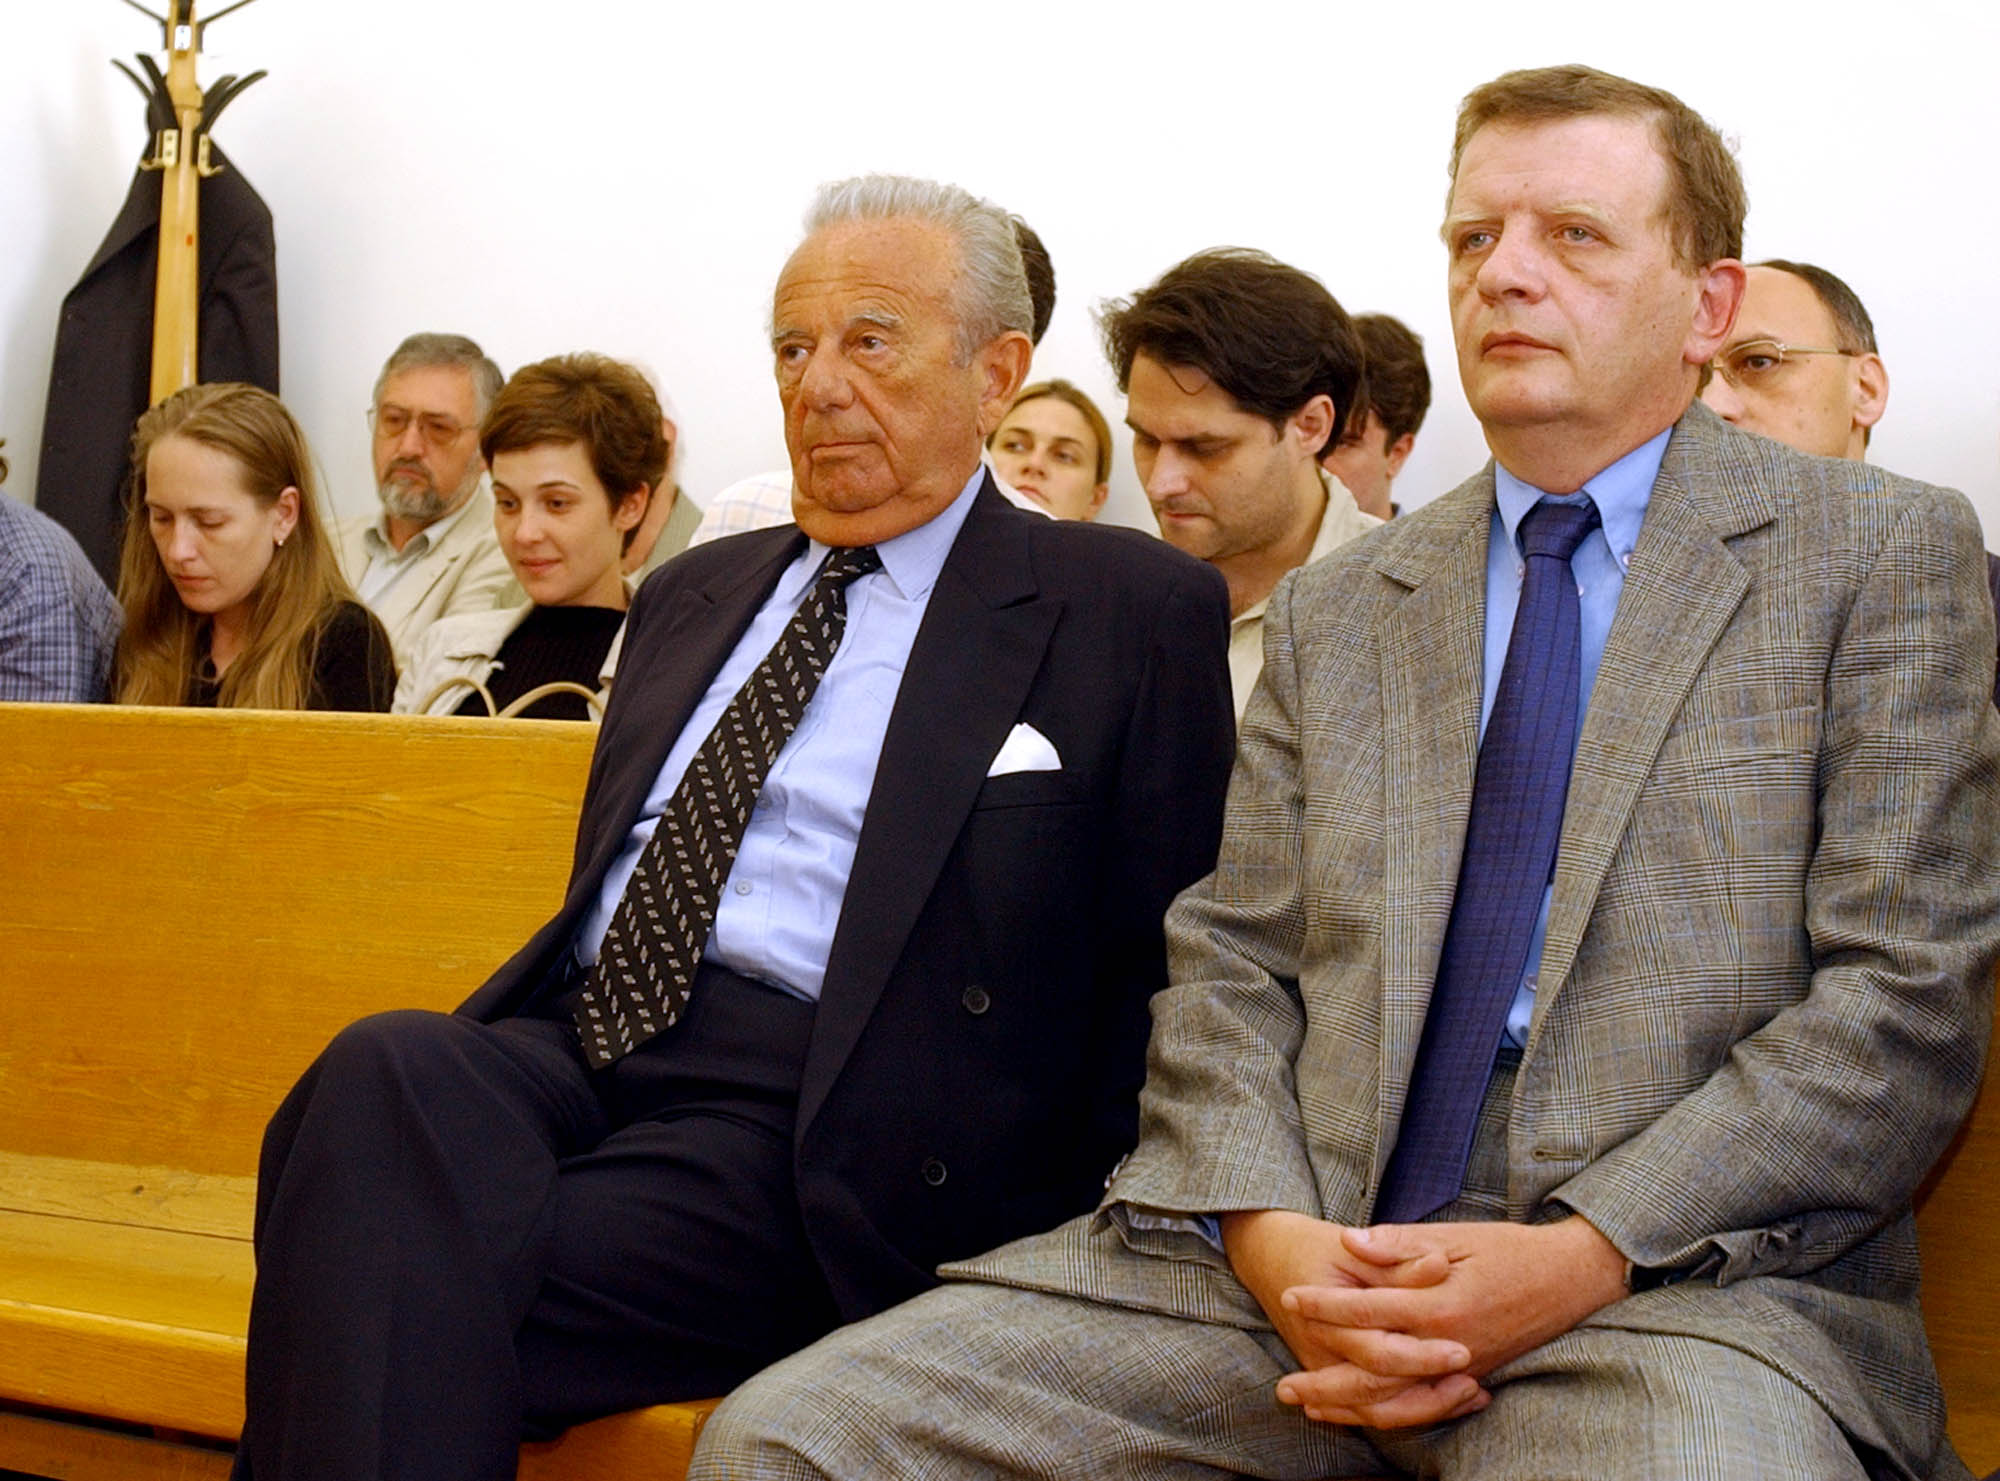 Felmentette a Fõvárosi Bíróság másodfokú ítéletében Kovács Mihályt, az Agrobank egykori elnökét és társait. A képen: Kovács Mihály (b) elsõrendû vádlott és Gerebenics Imre másodrendû vádlott (j) a vádlottak padján / Fotó: MTI